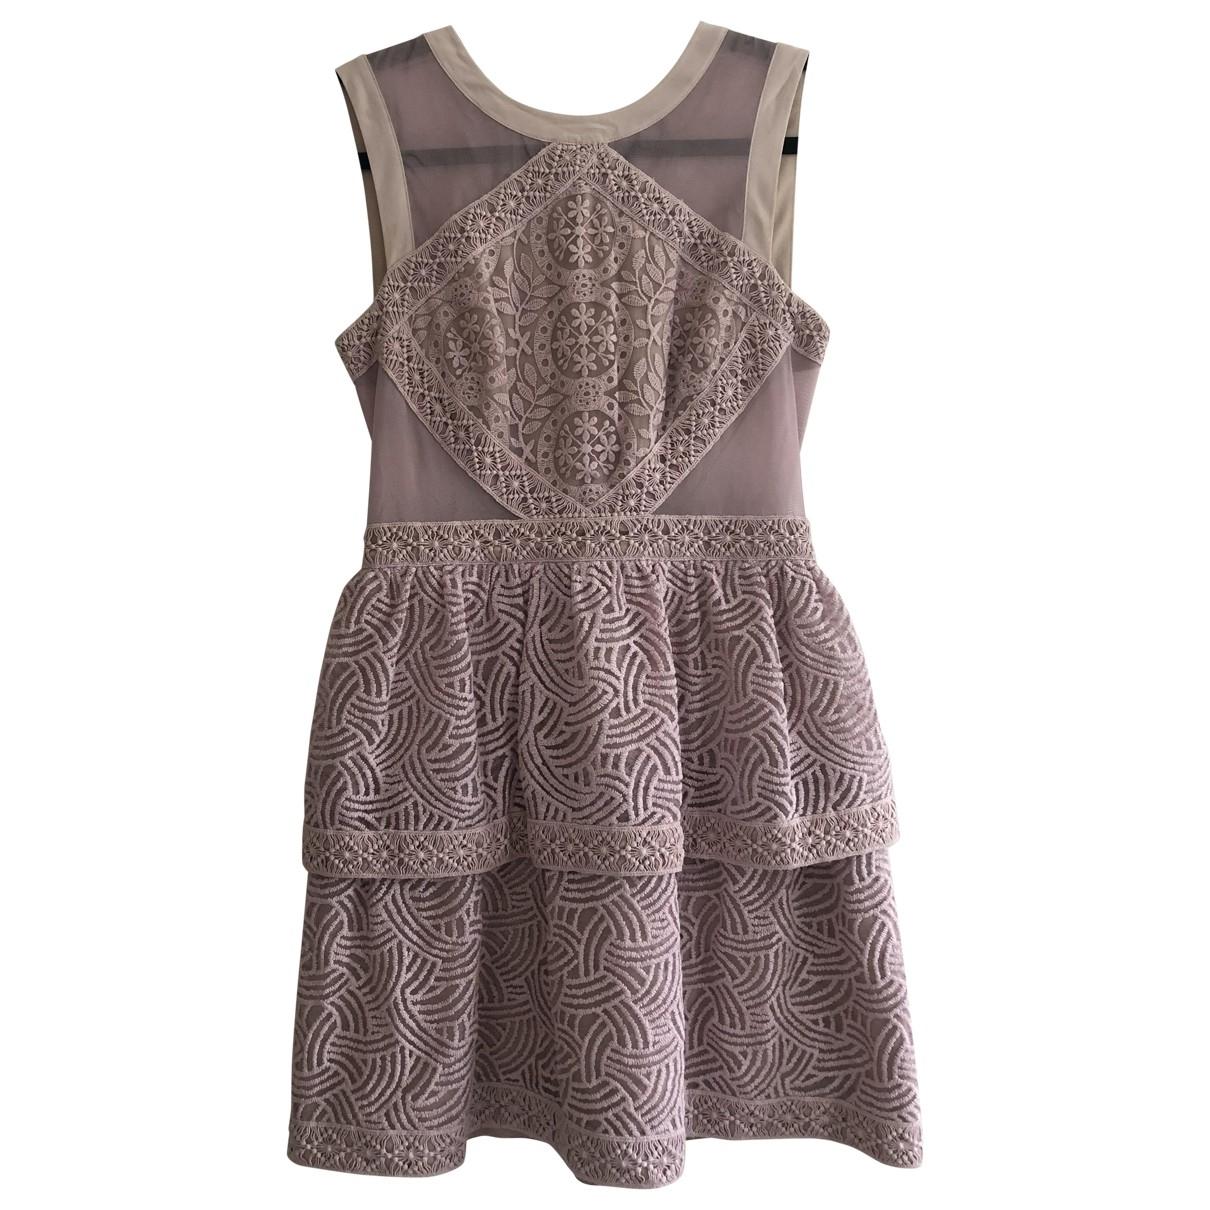 Mini vestido de Encaje Bcbg Max Azria